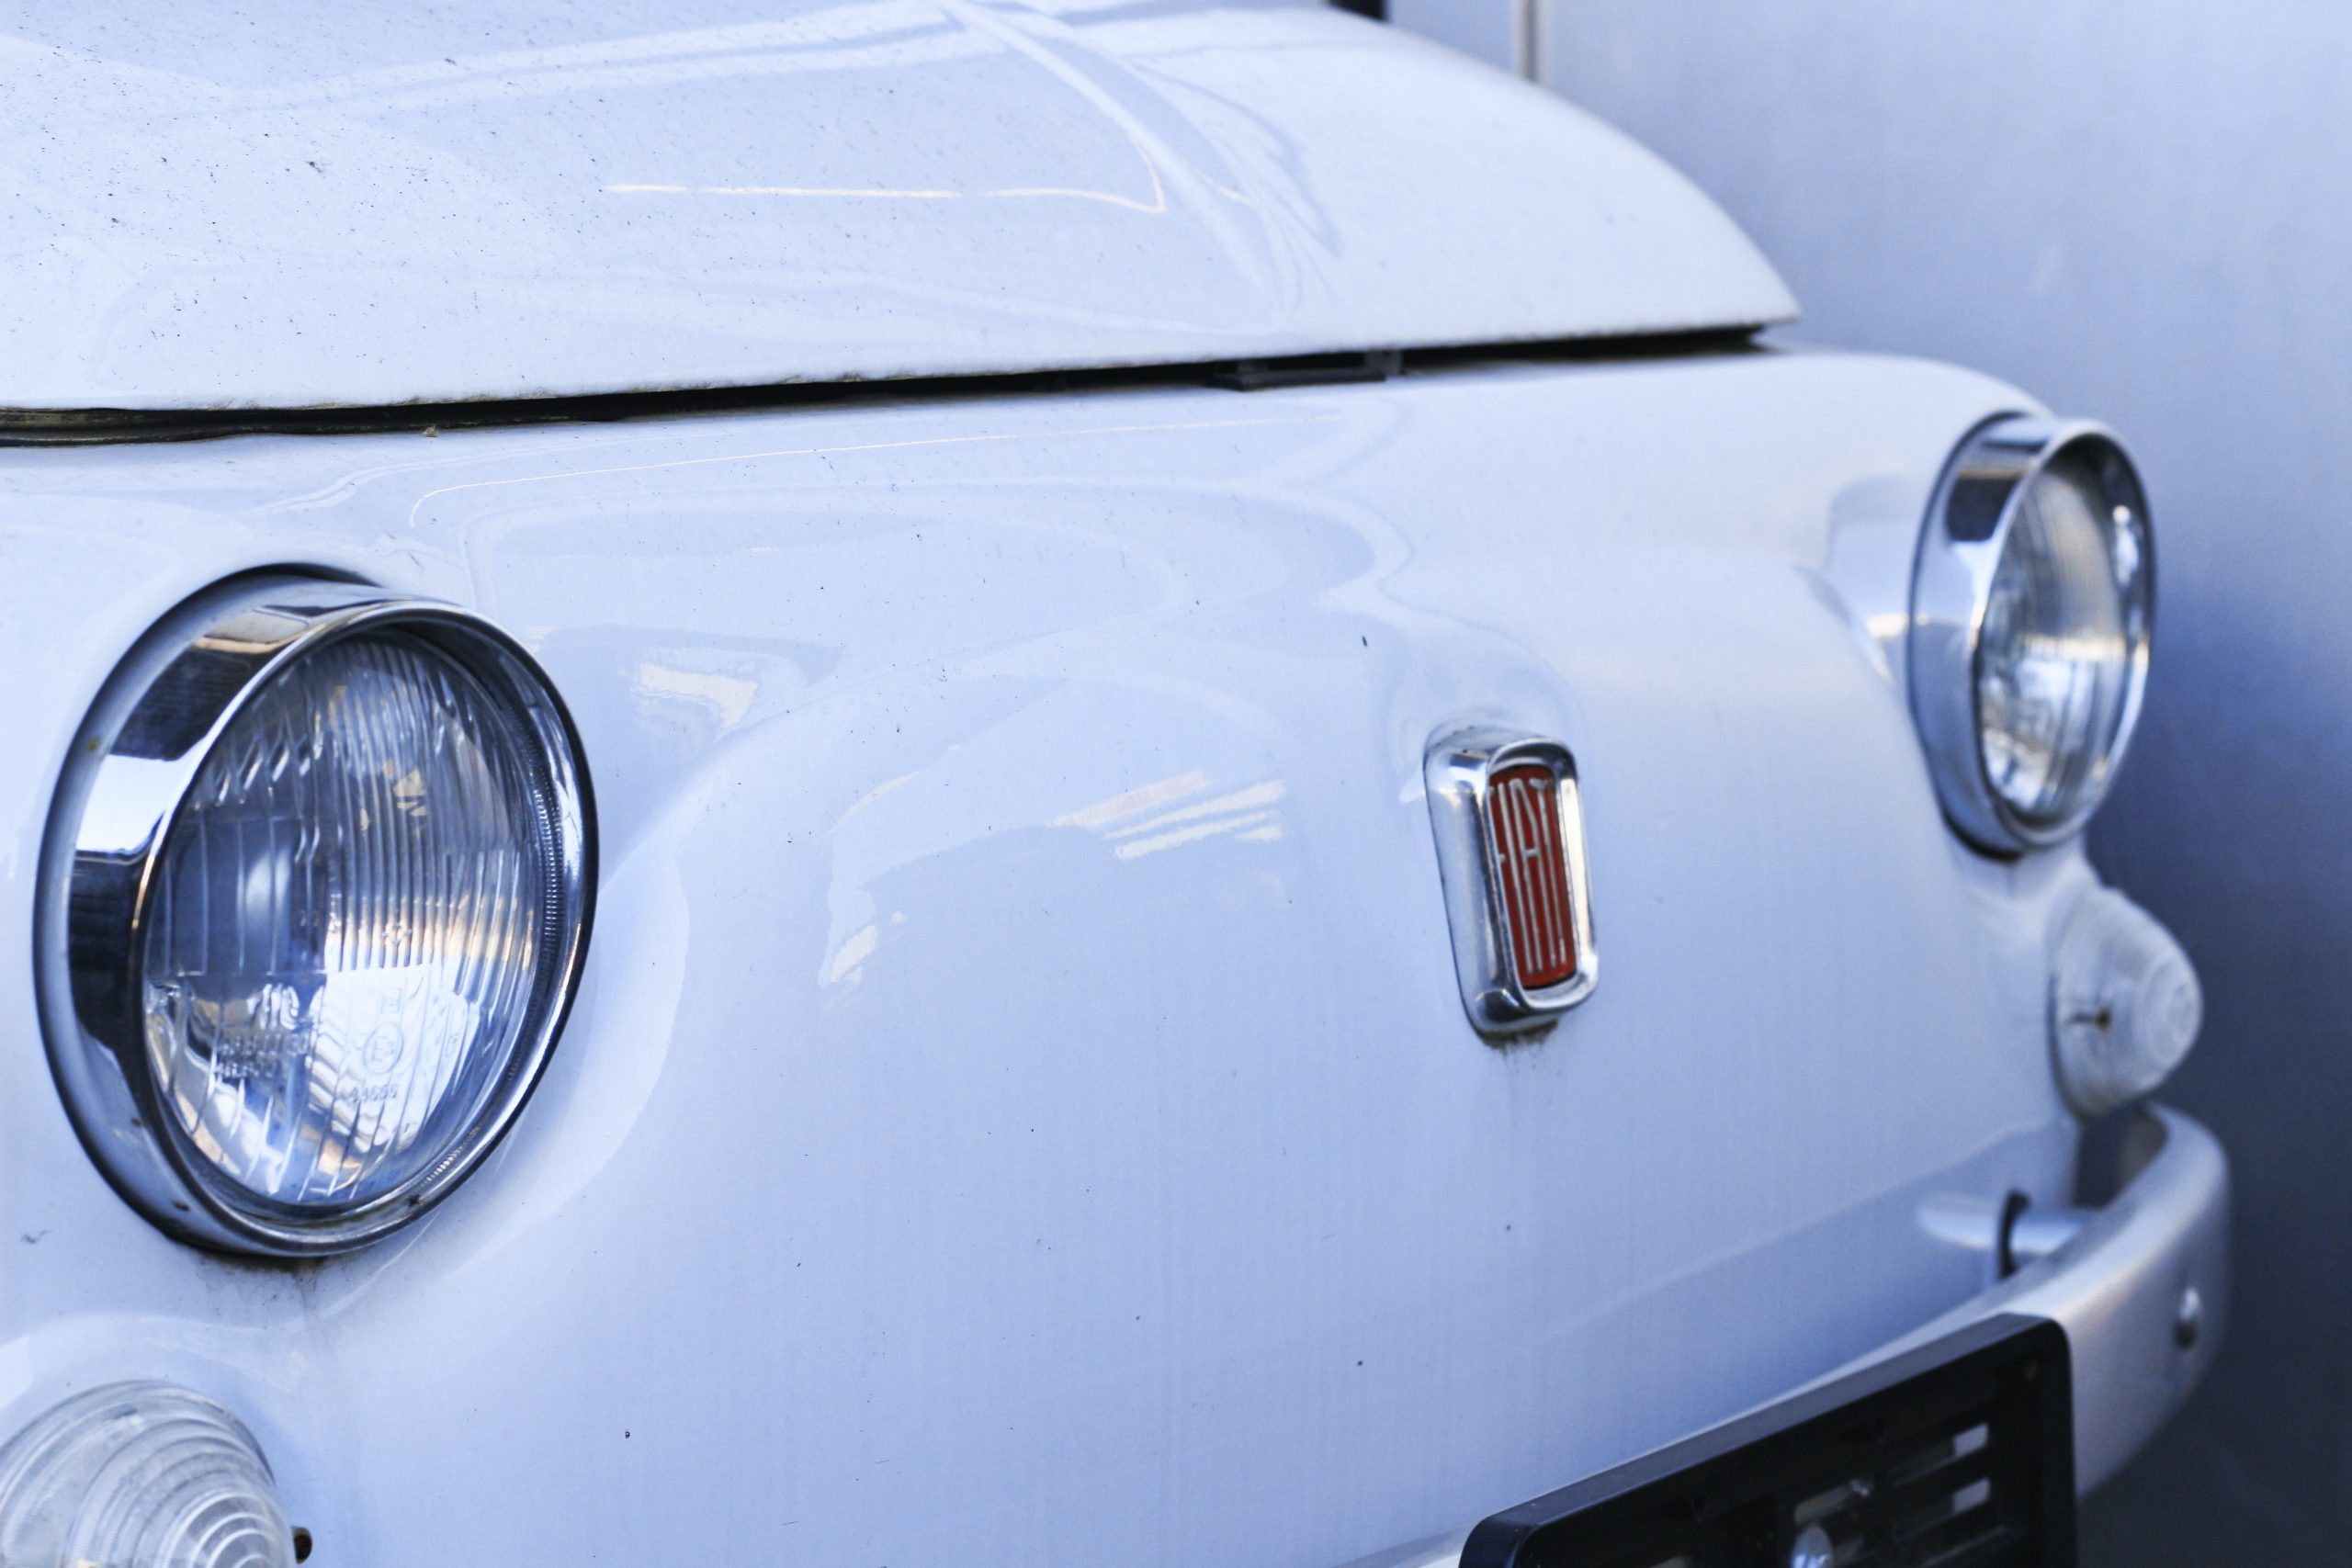 Nuova Mazda MX5 in arrivo come Fiat 124 Spider per il mercato italiano